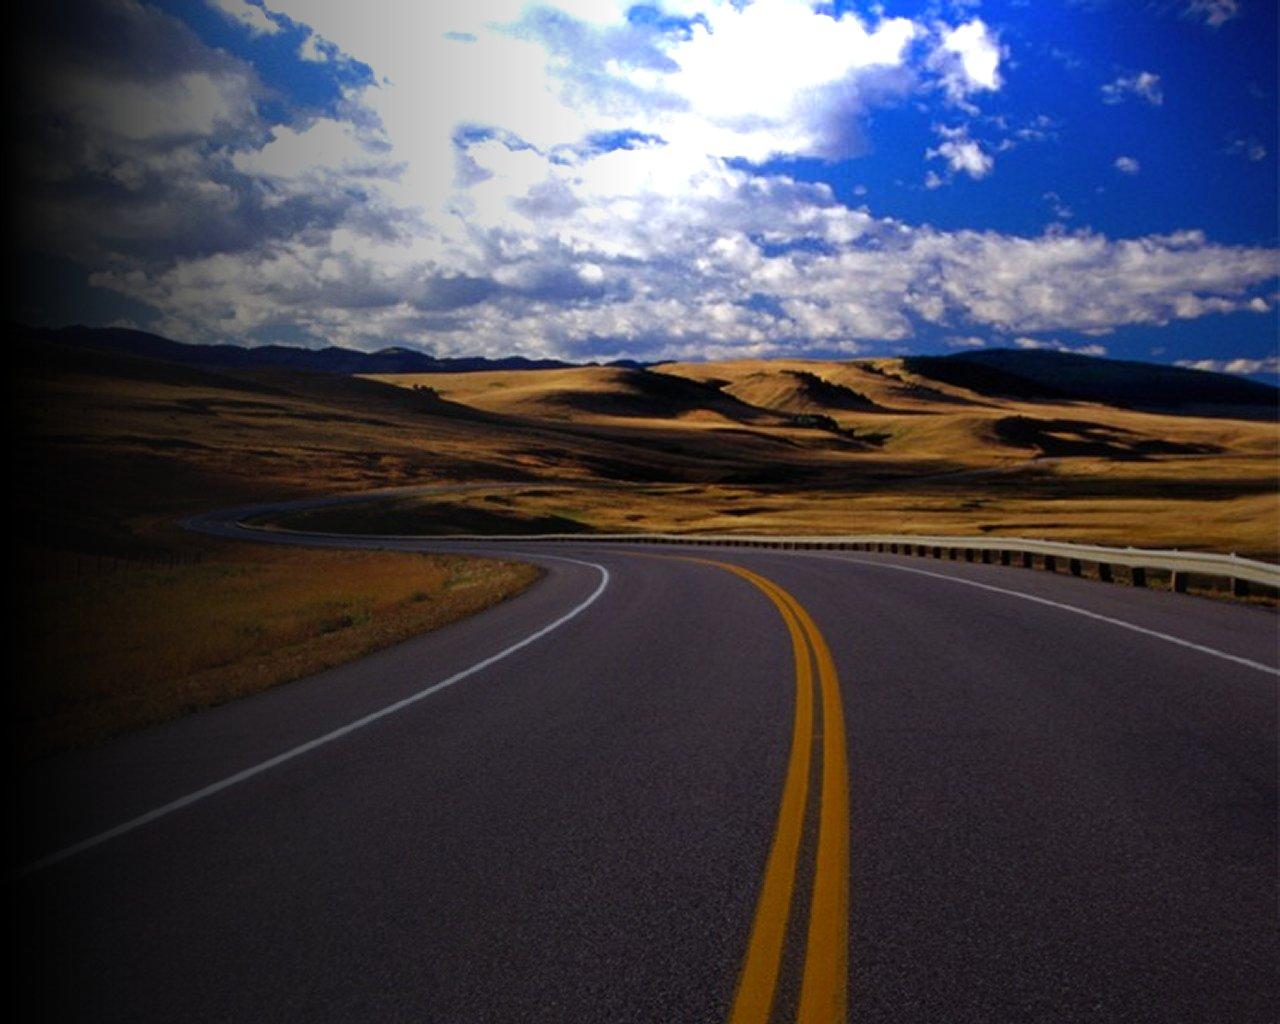 Longhorn Road